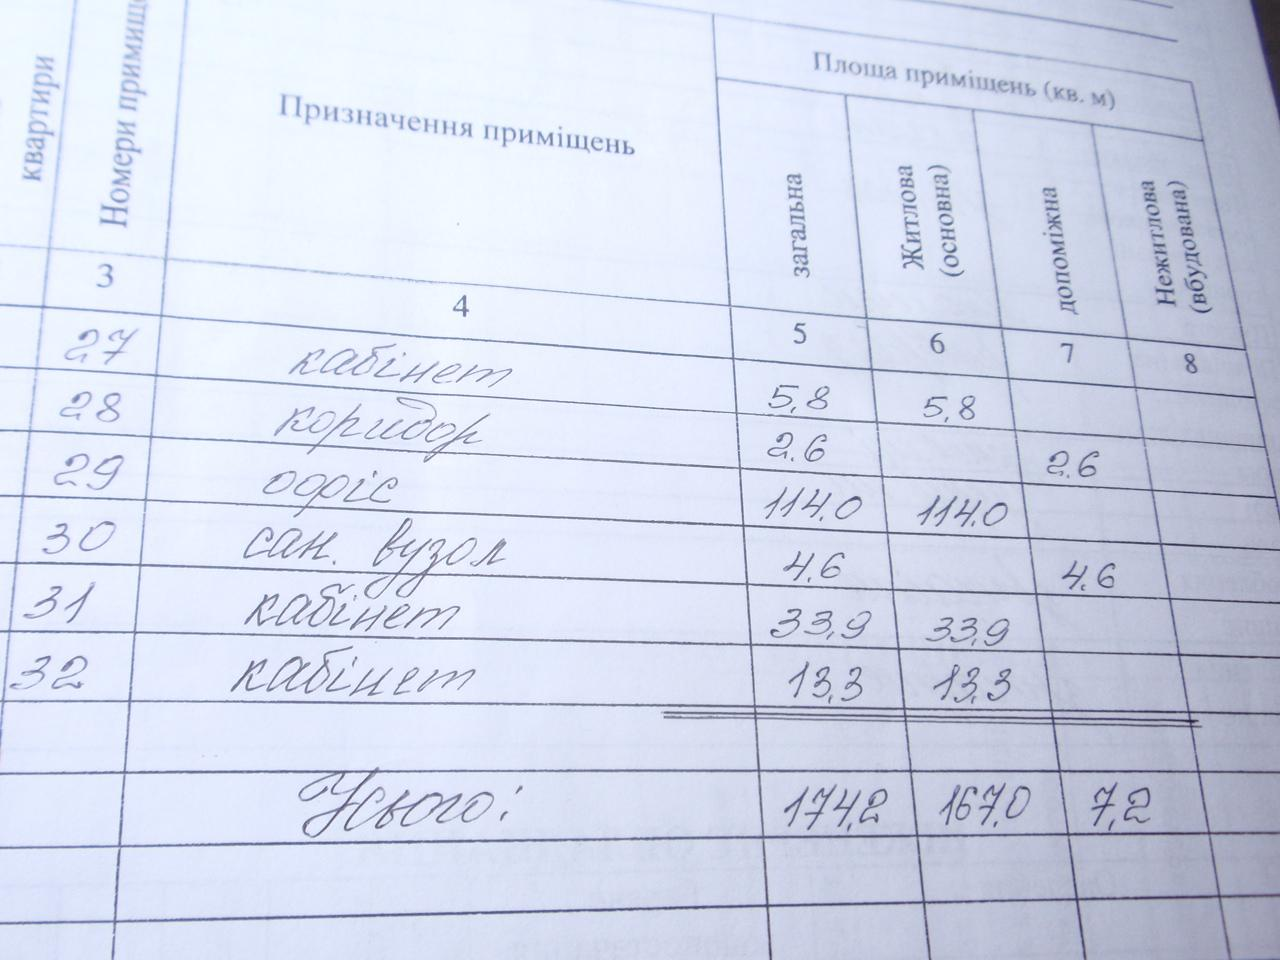 Фото 3 - Продам нежилую недвижимость Харьков, Краснодарская ул.